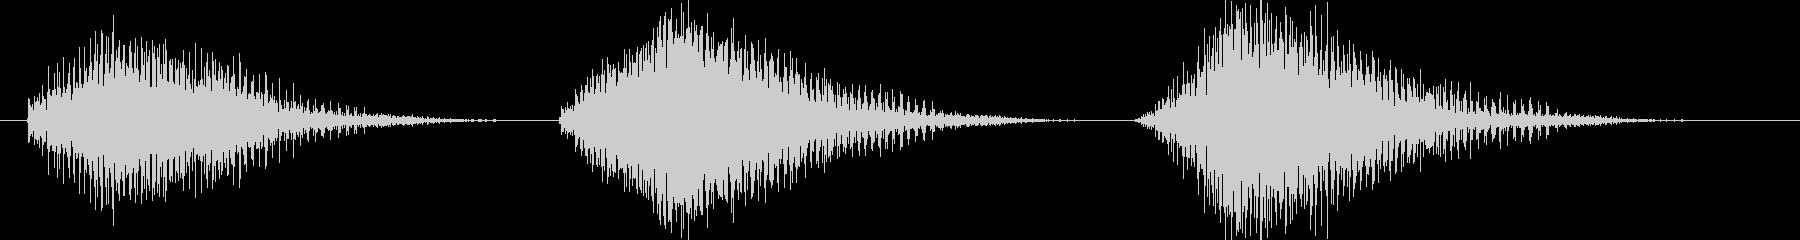 カァカァカァ!(カラスの鳴き声)擬音3発の未再生の波形